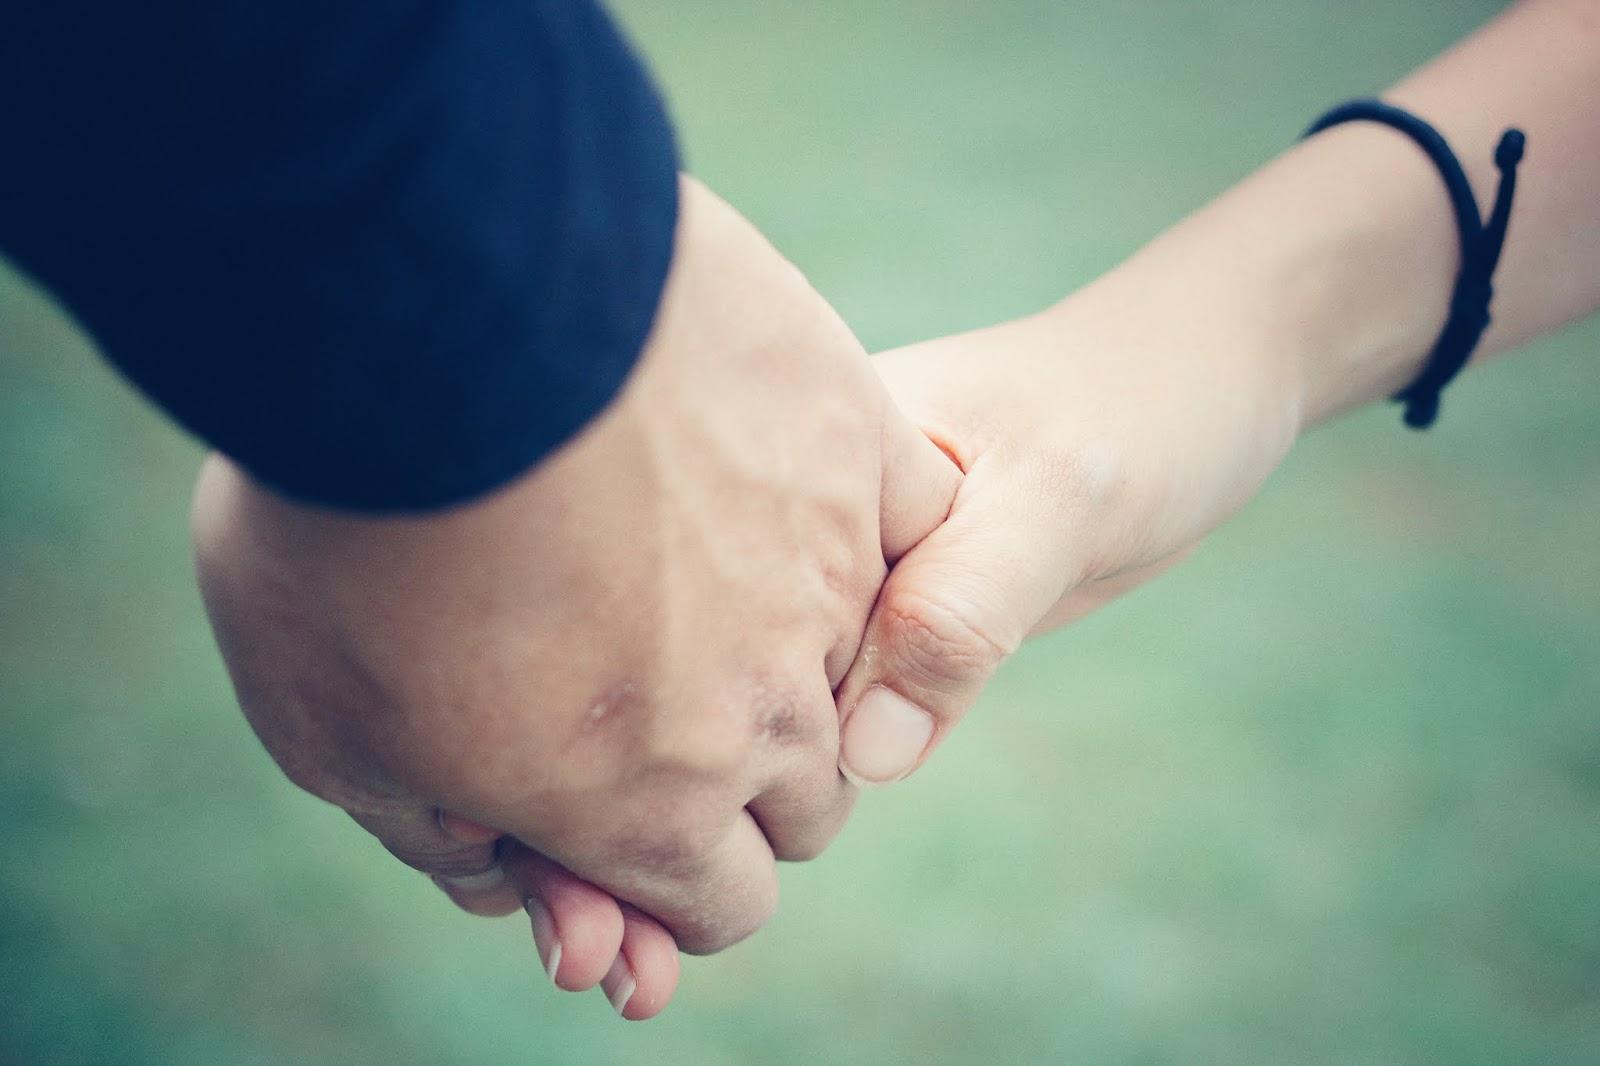 Ảnh anh nắm tay em cực đẹp